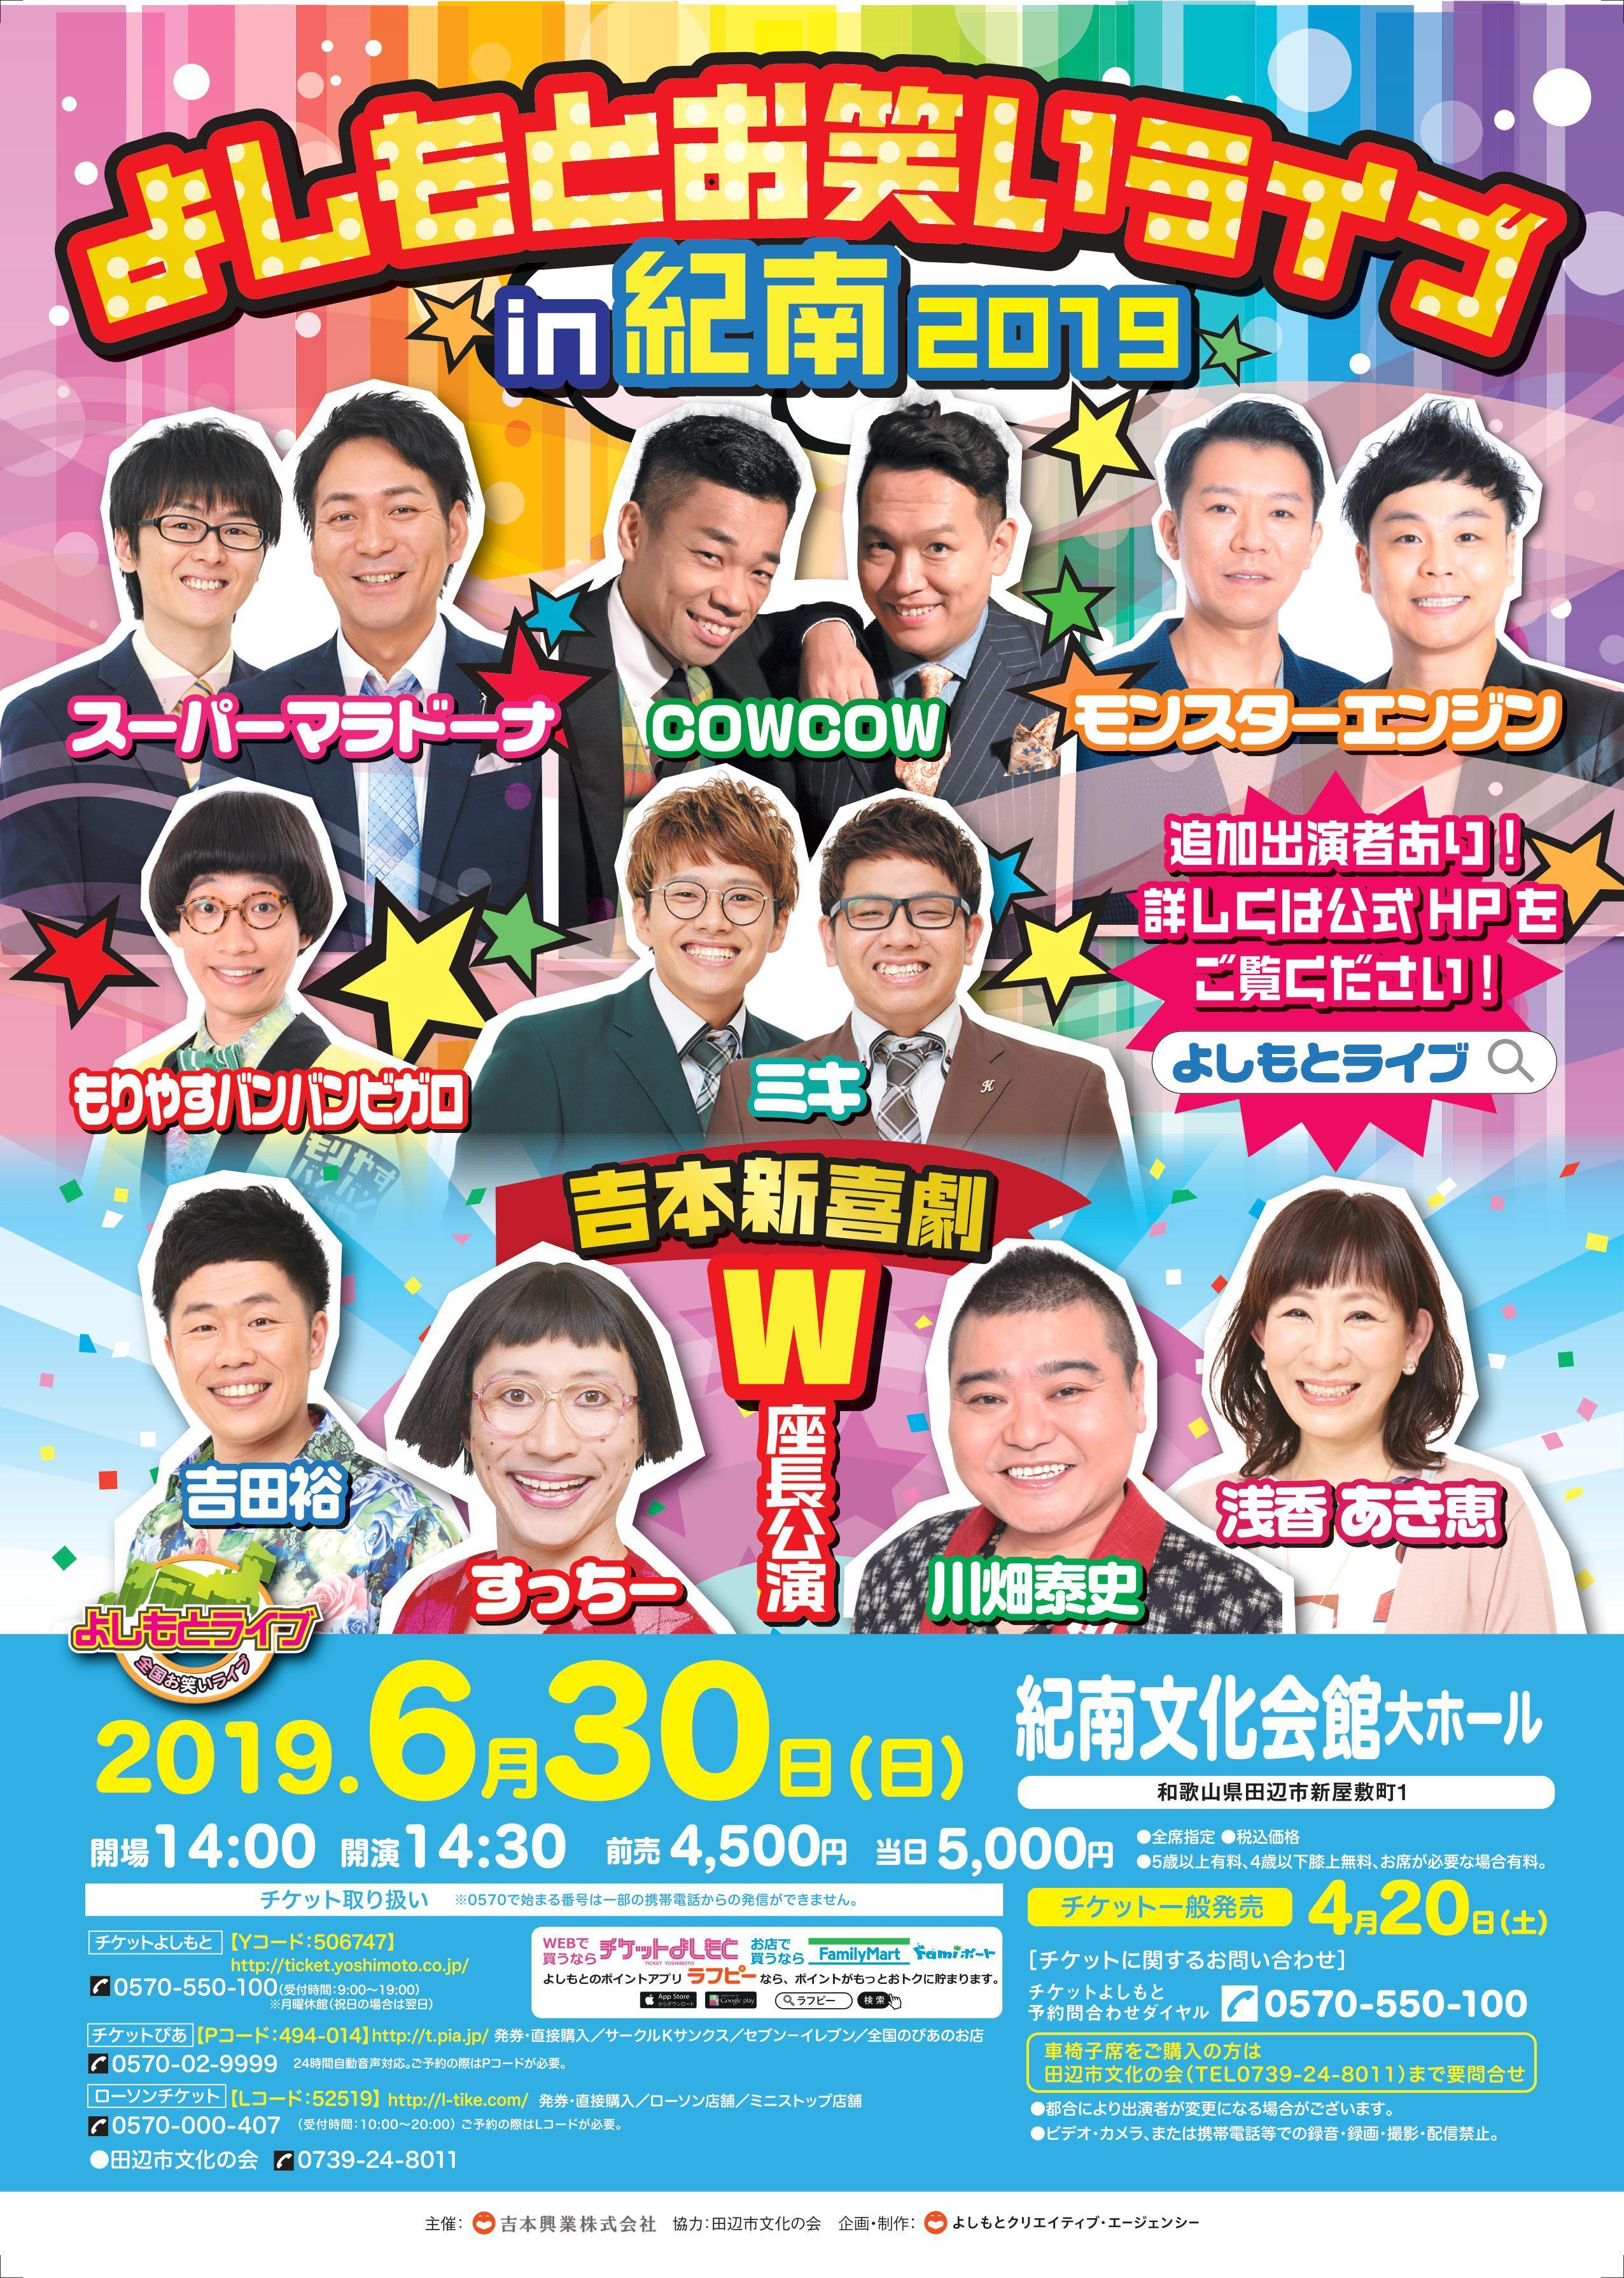 http://www.syumatsu.jp/20190408163014-1ef216f3943257c44c6a952e1bdc838dd0911626.jpg